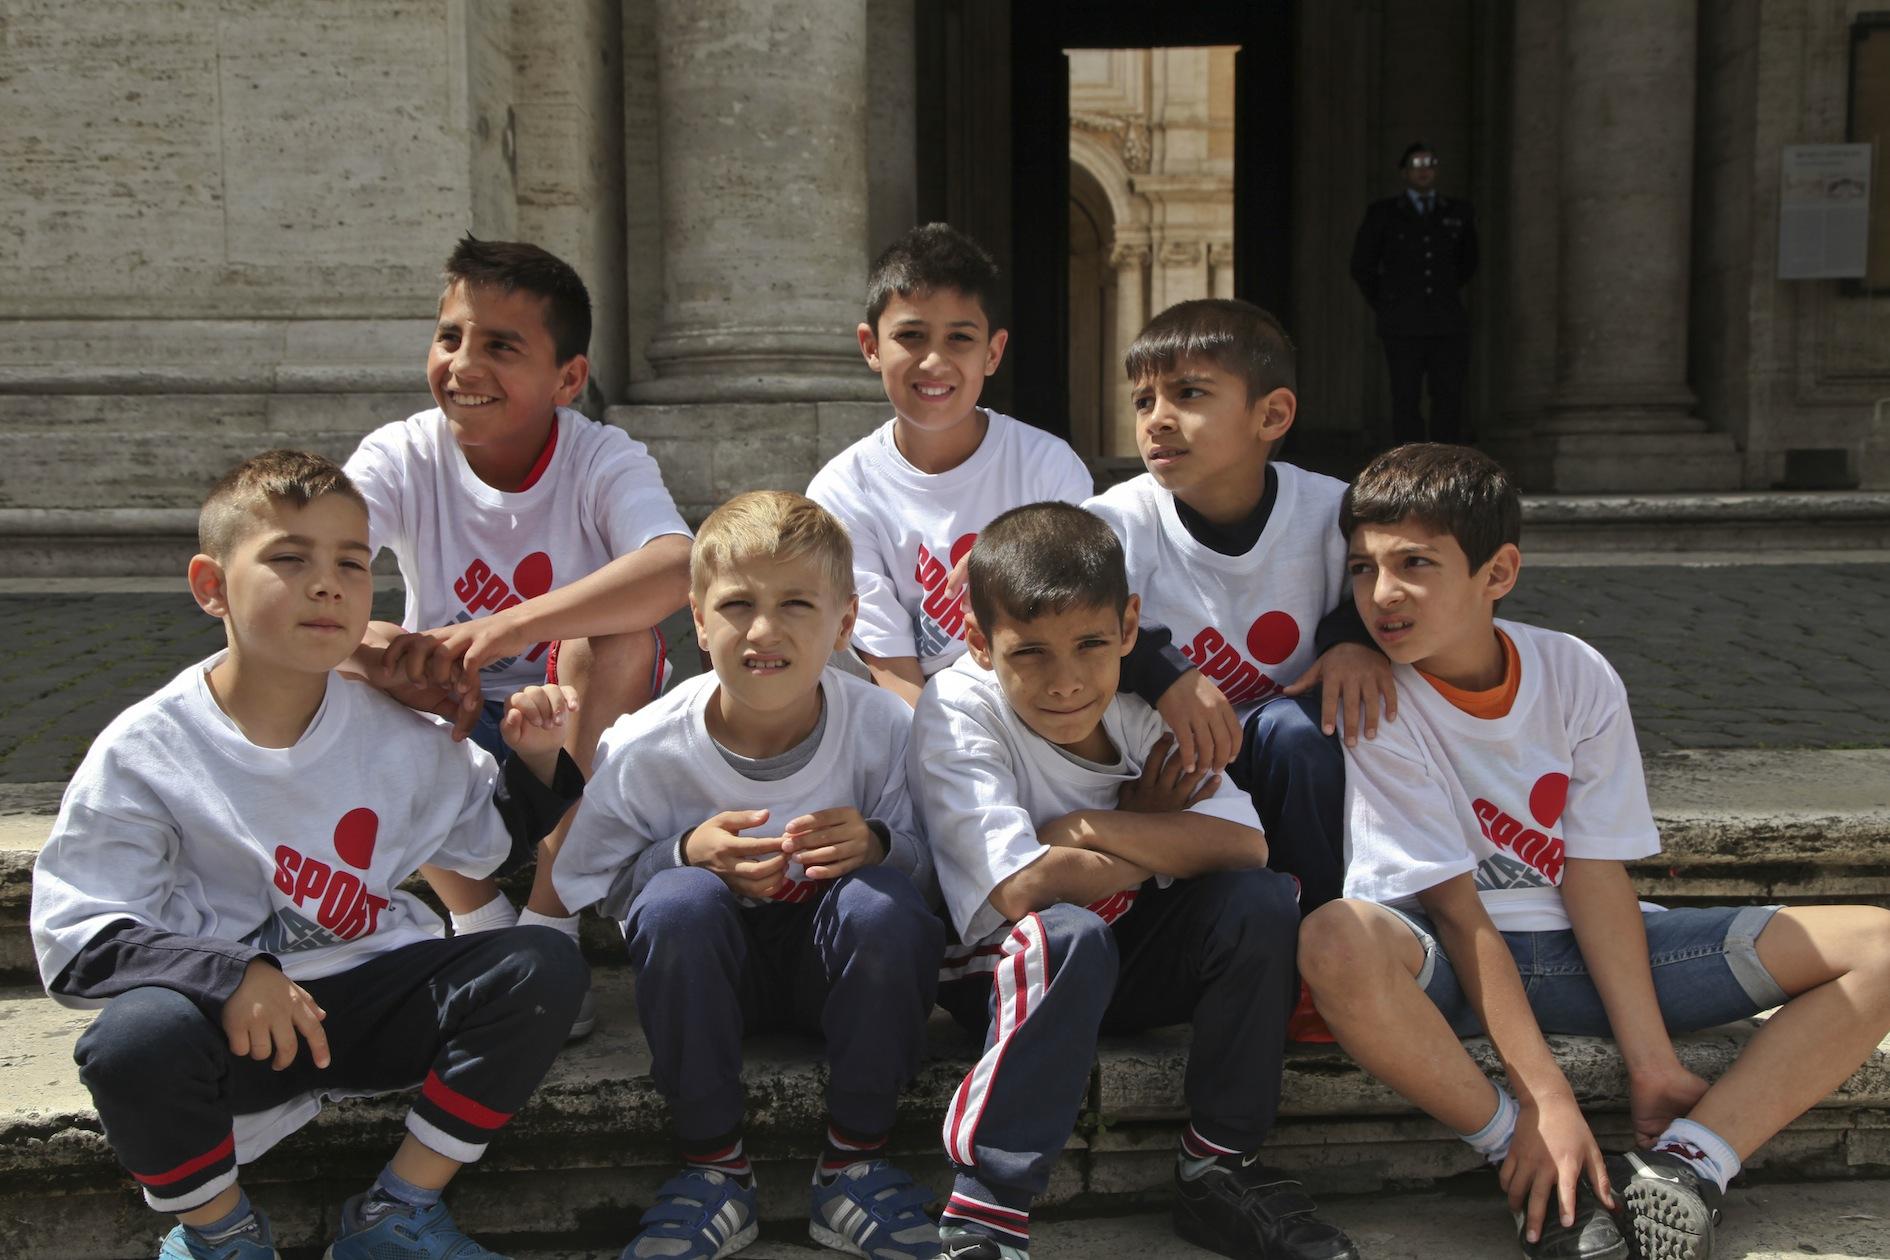 Dalla Parte dei Bambini: lo sport per stare bene nel progetto di Disney Italia e Sport Senza Frontiere Onlus